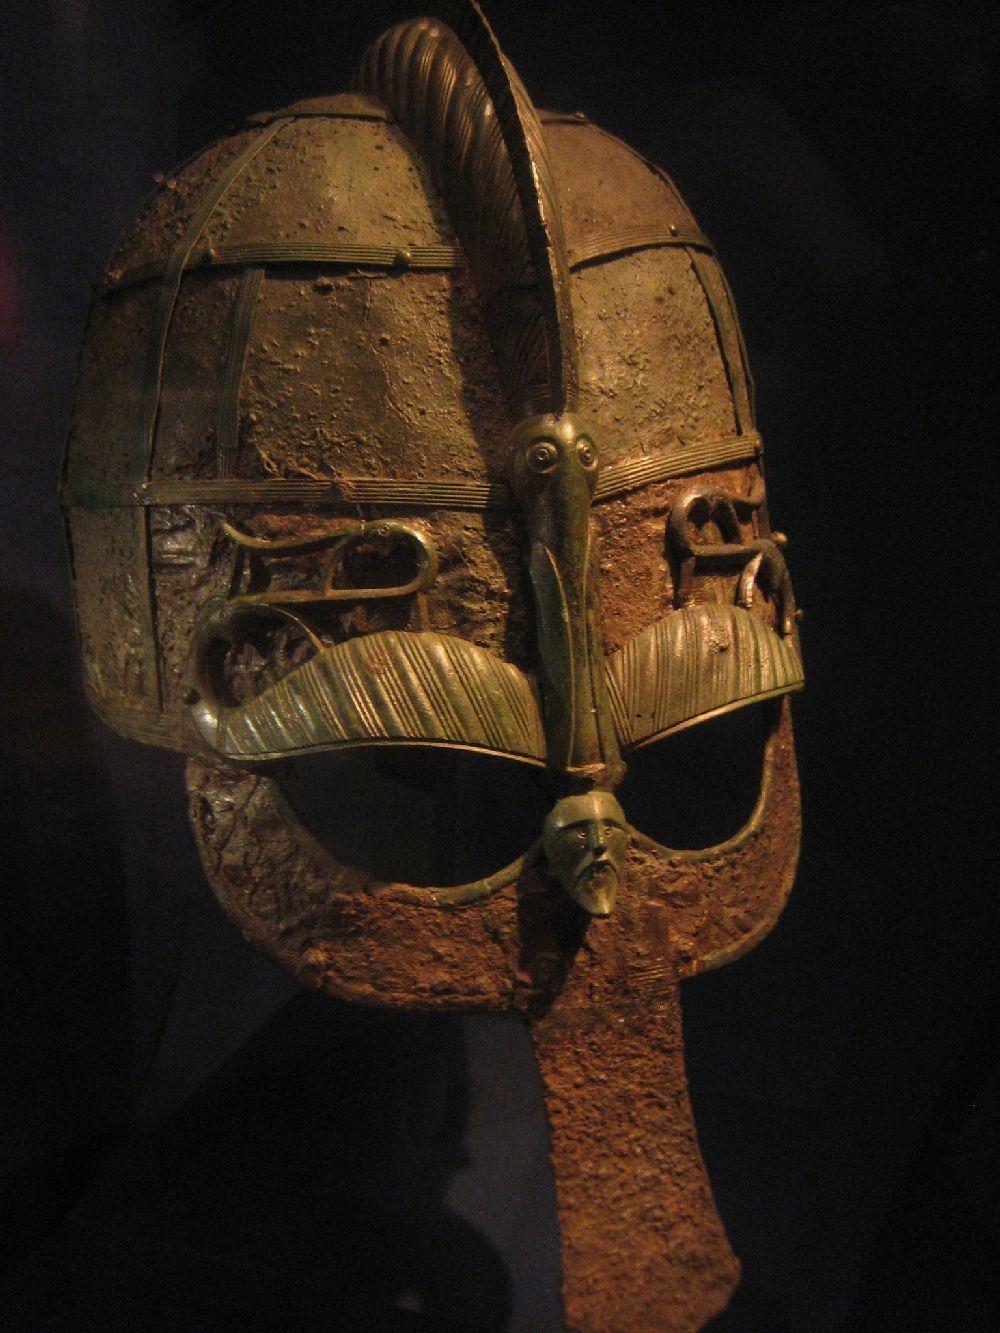 Helm mitNaseschutz ud metallaugebraue in Entennform